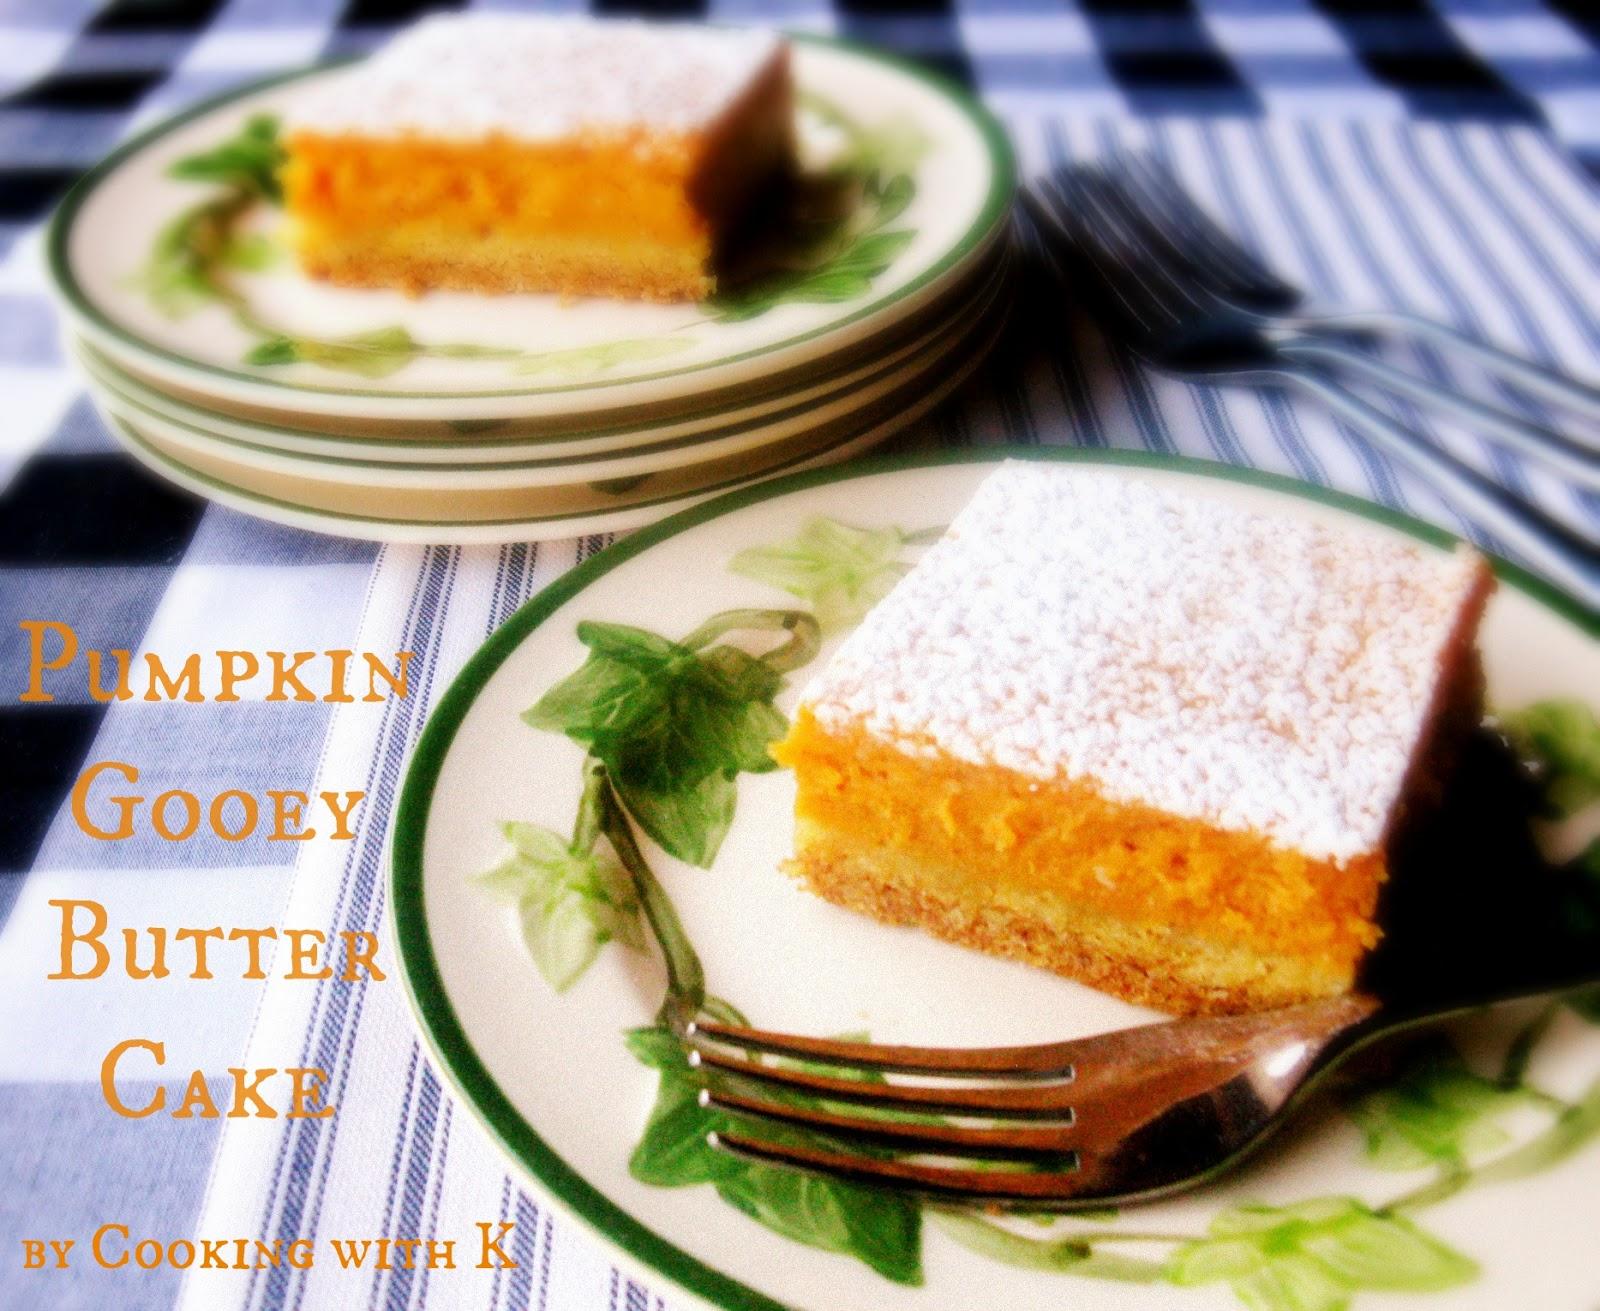 ... Pumpkin Gooey Butter Cake {My all time favorite pumpkin dessert